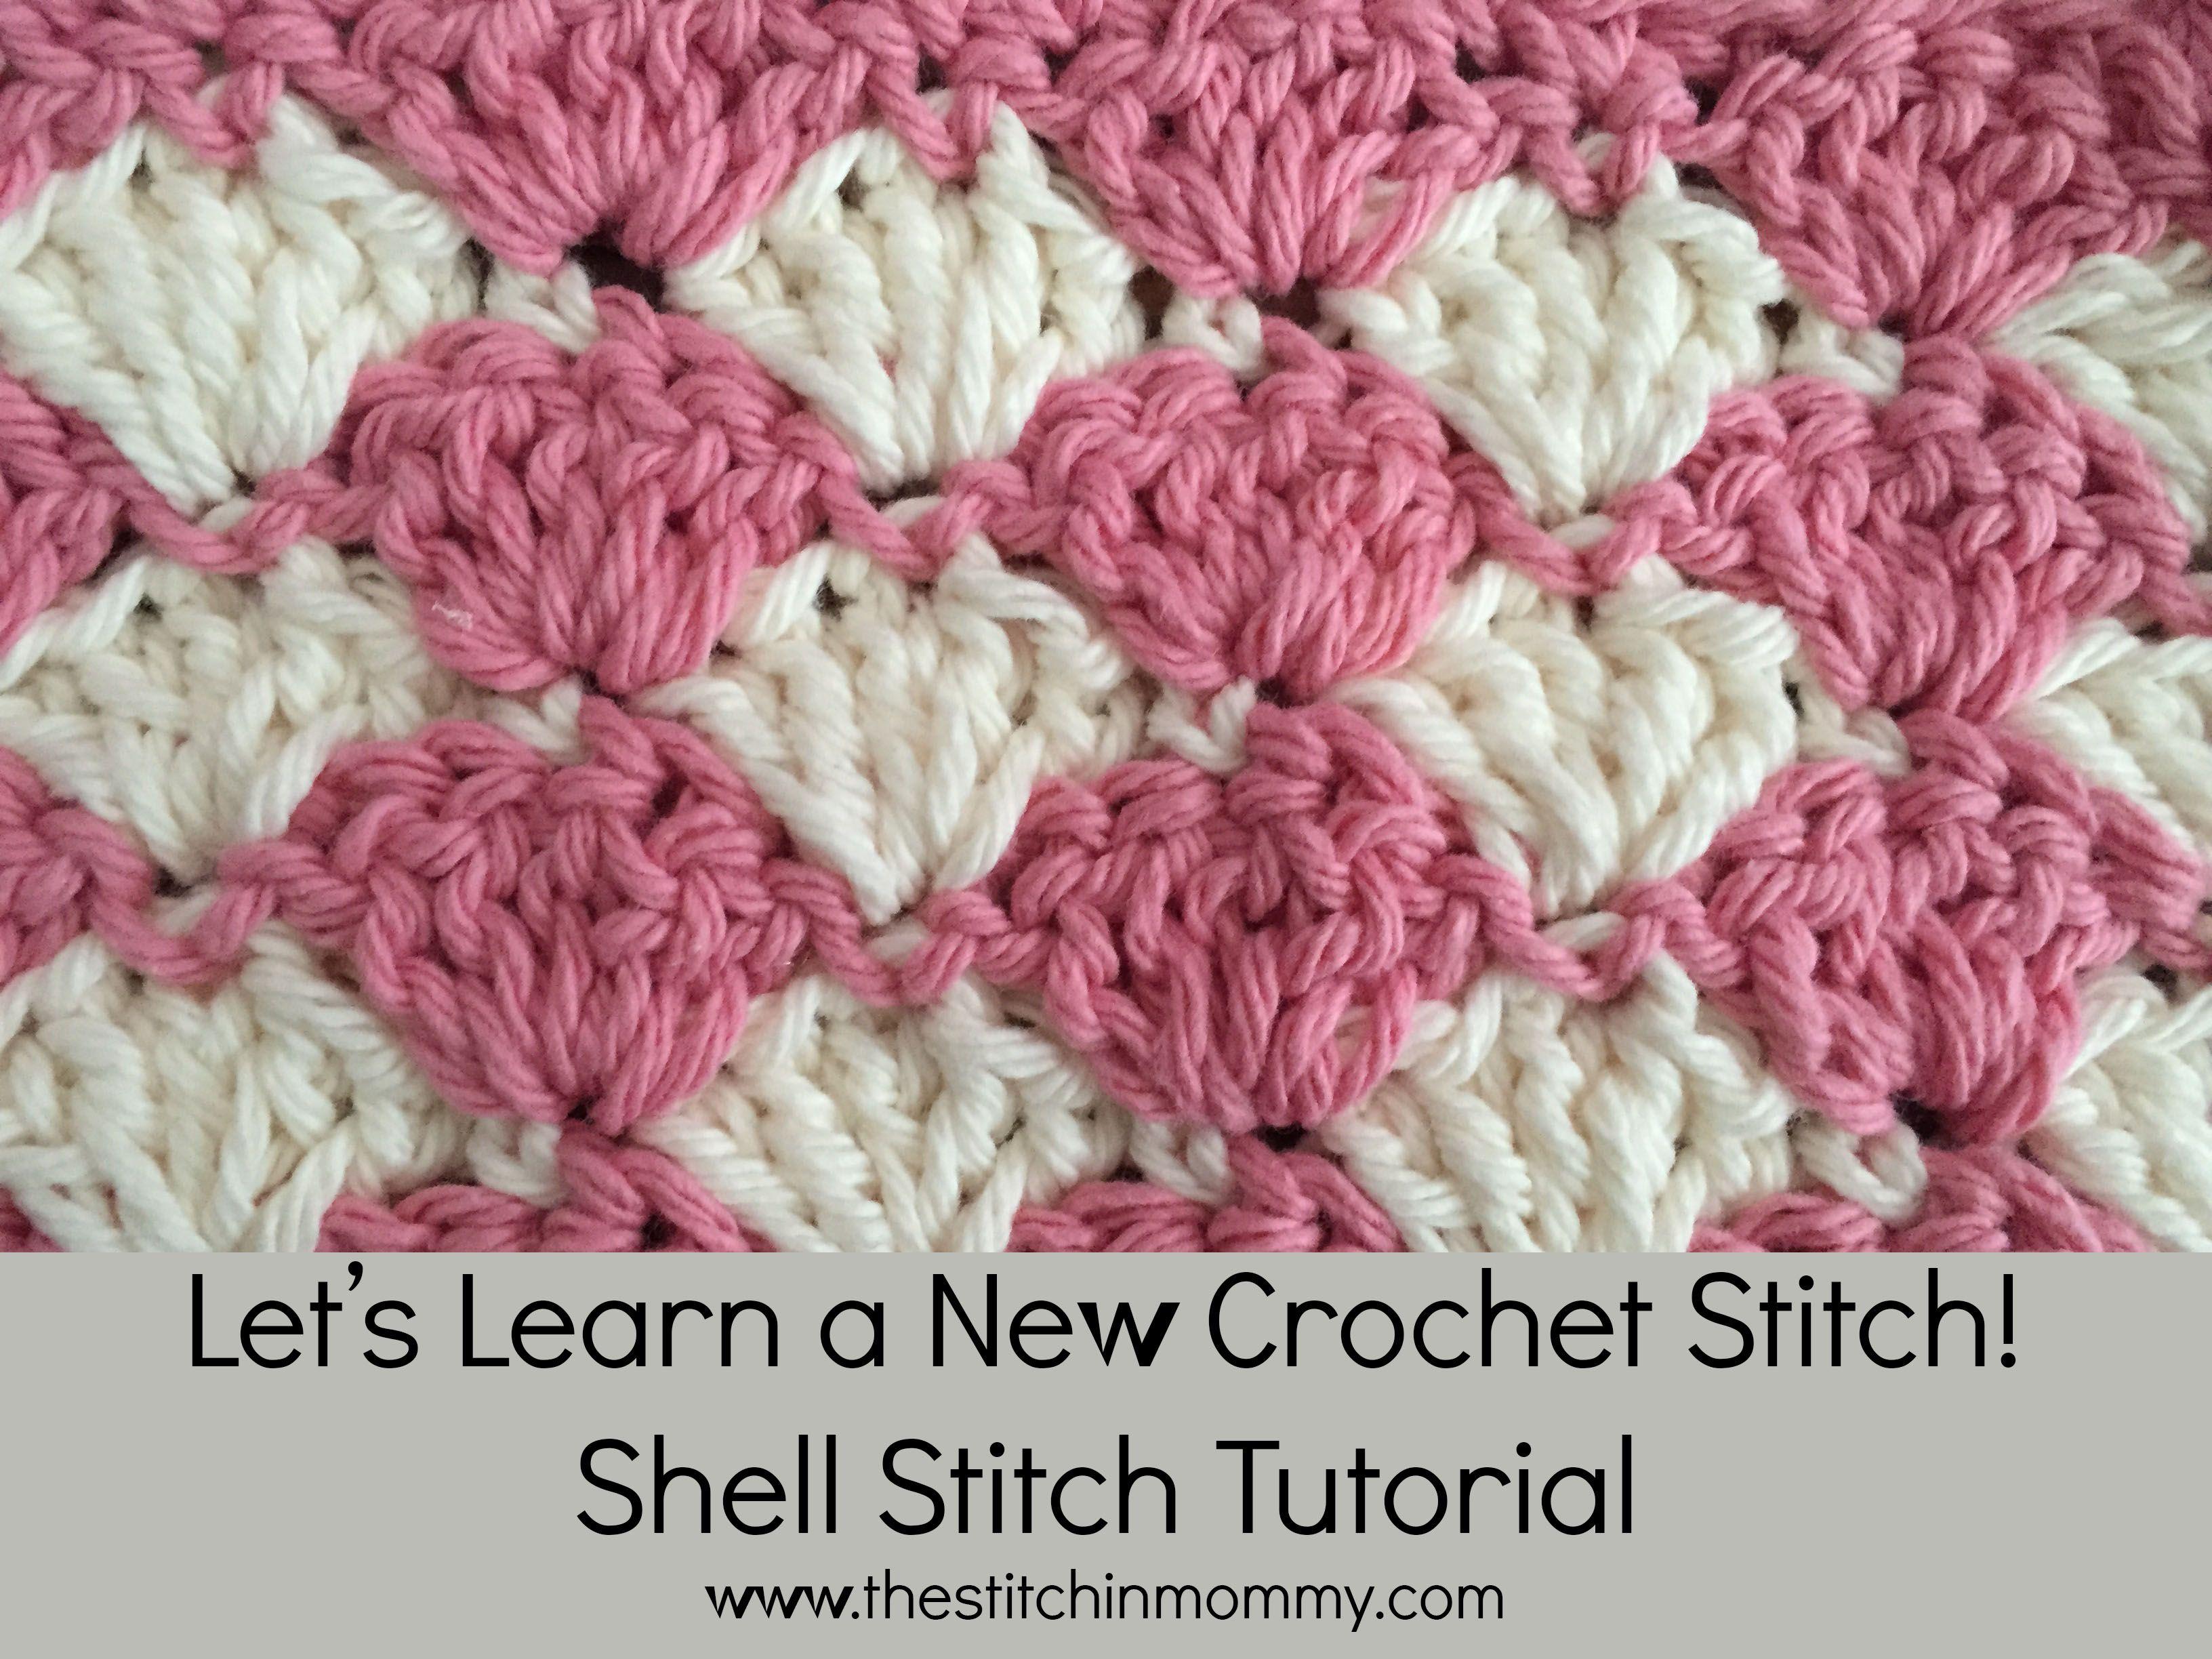 Shell Stitch Tutorial | Häkeln anleitung, Handarbeiten und Anleitungen